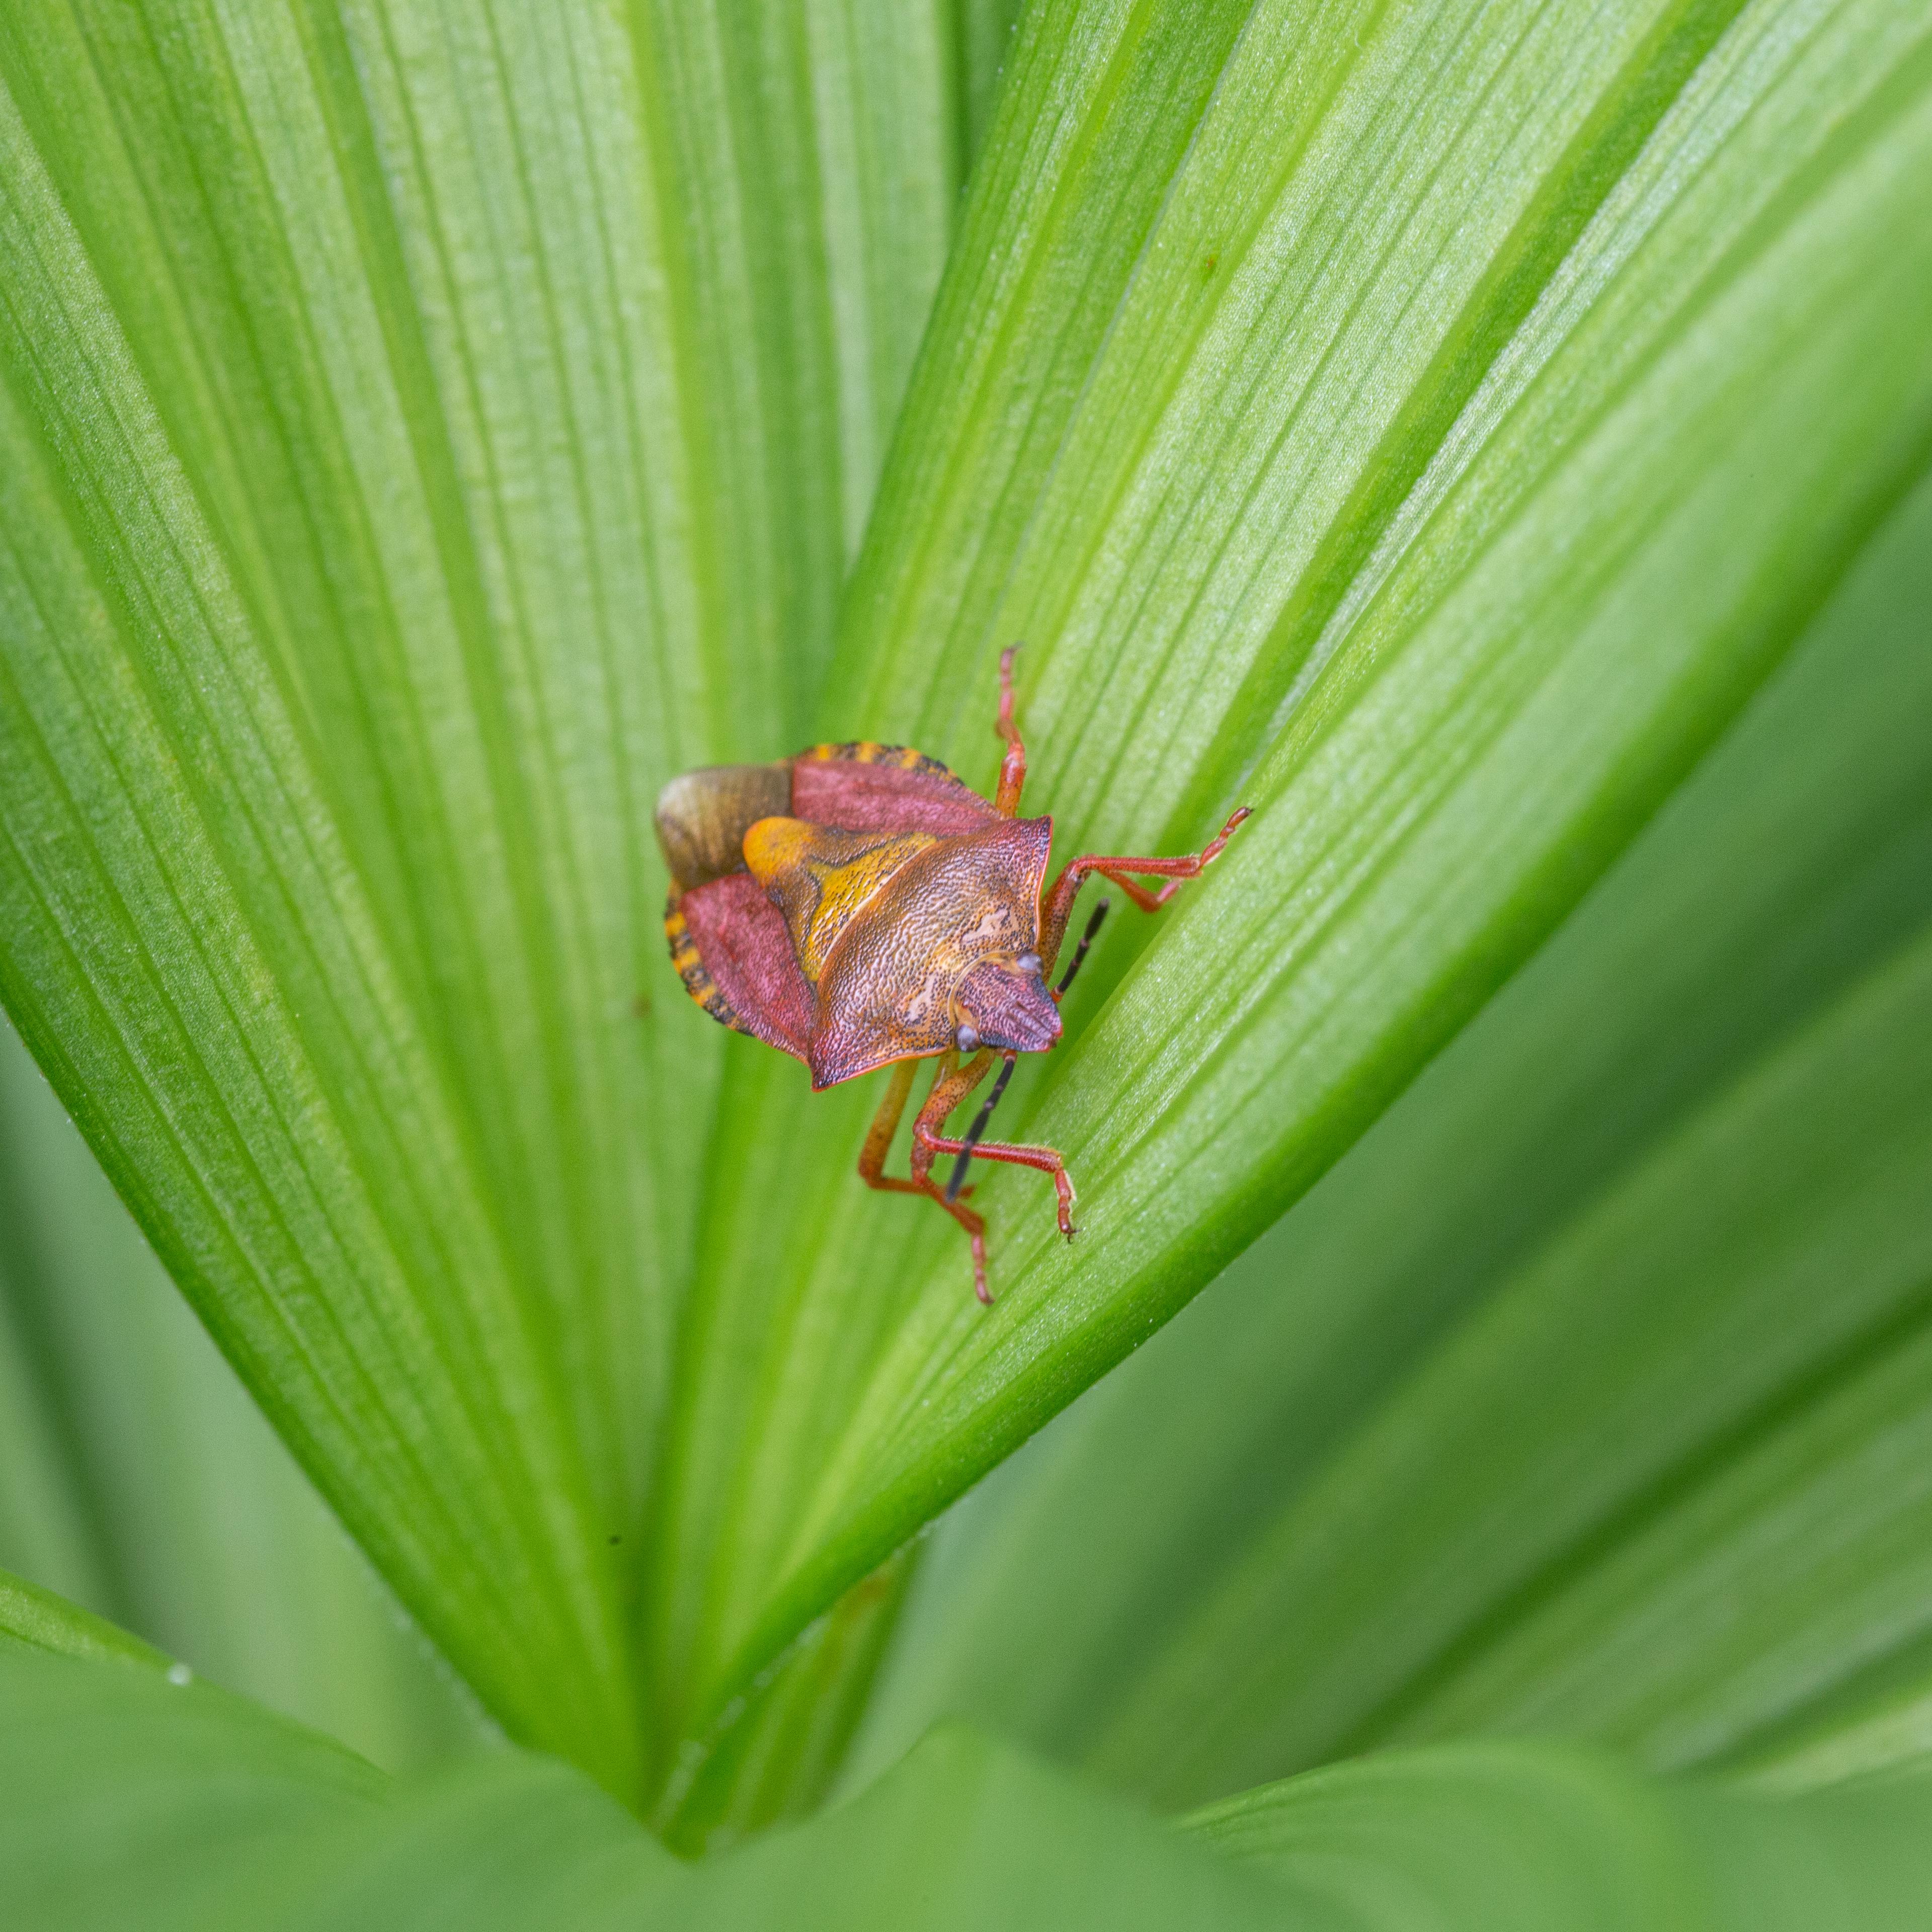 Nahaufnahme einer Wanze in einer grünen Pflanze